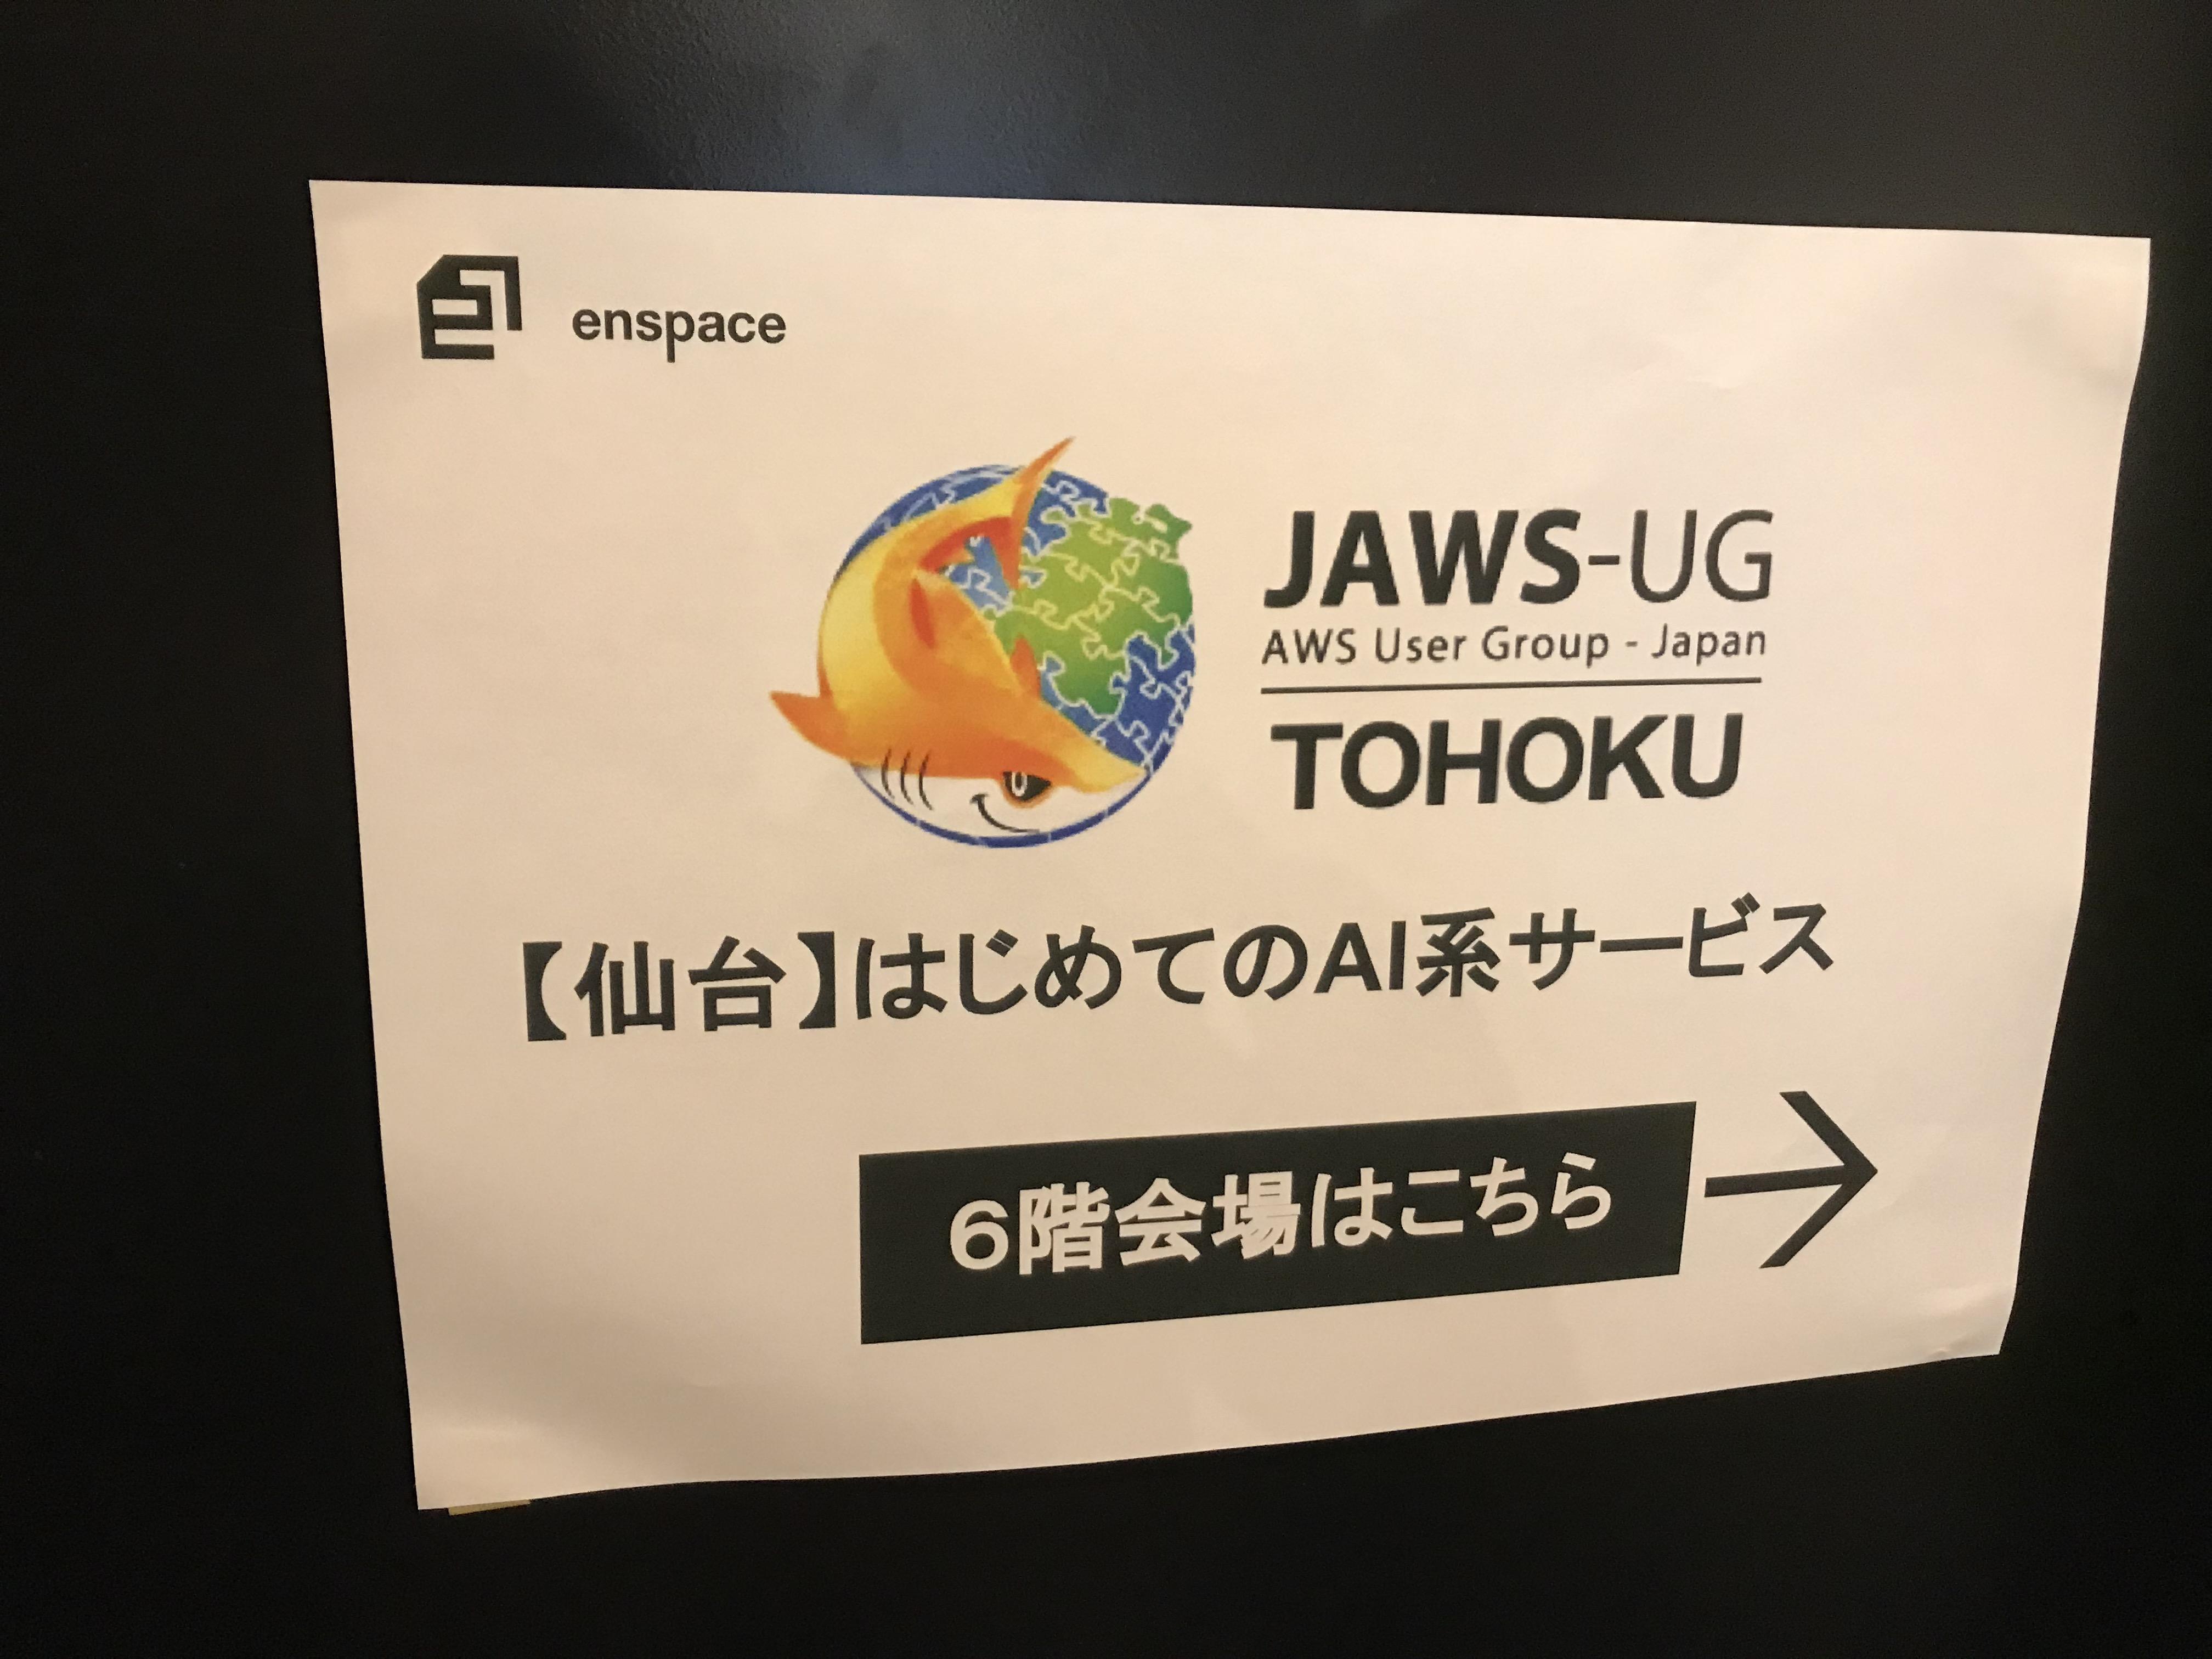 JAWS-UG [仙台] はじめてのAI系サービス でしたよ #jawsug